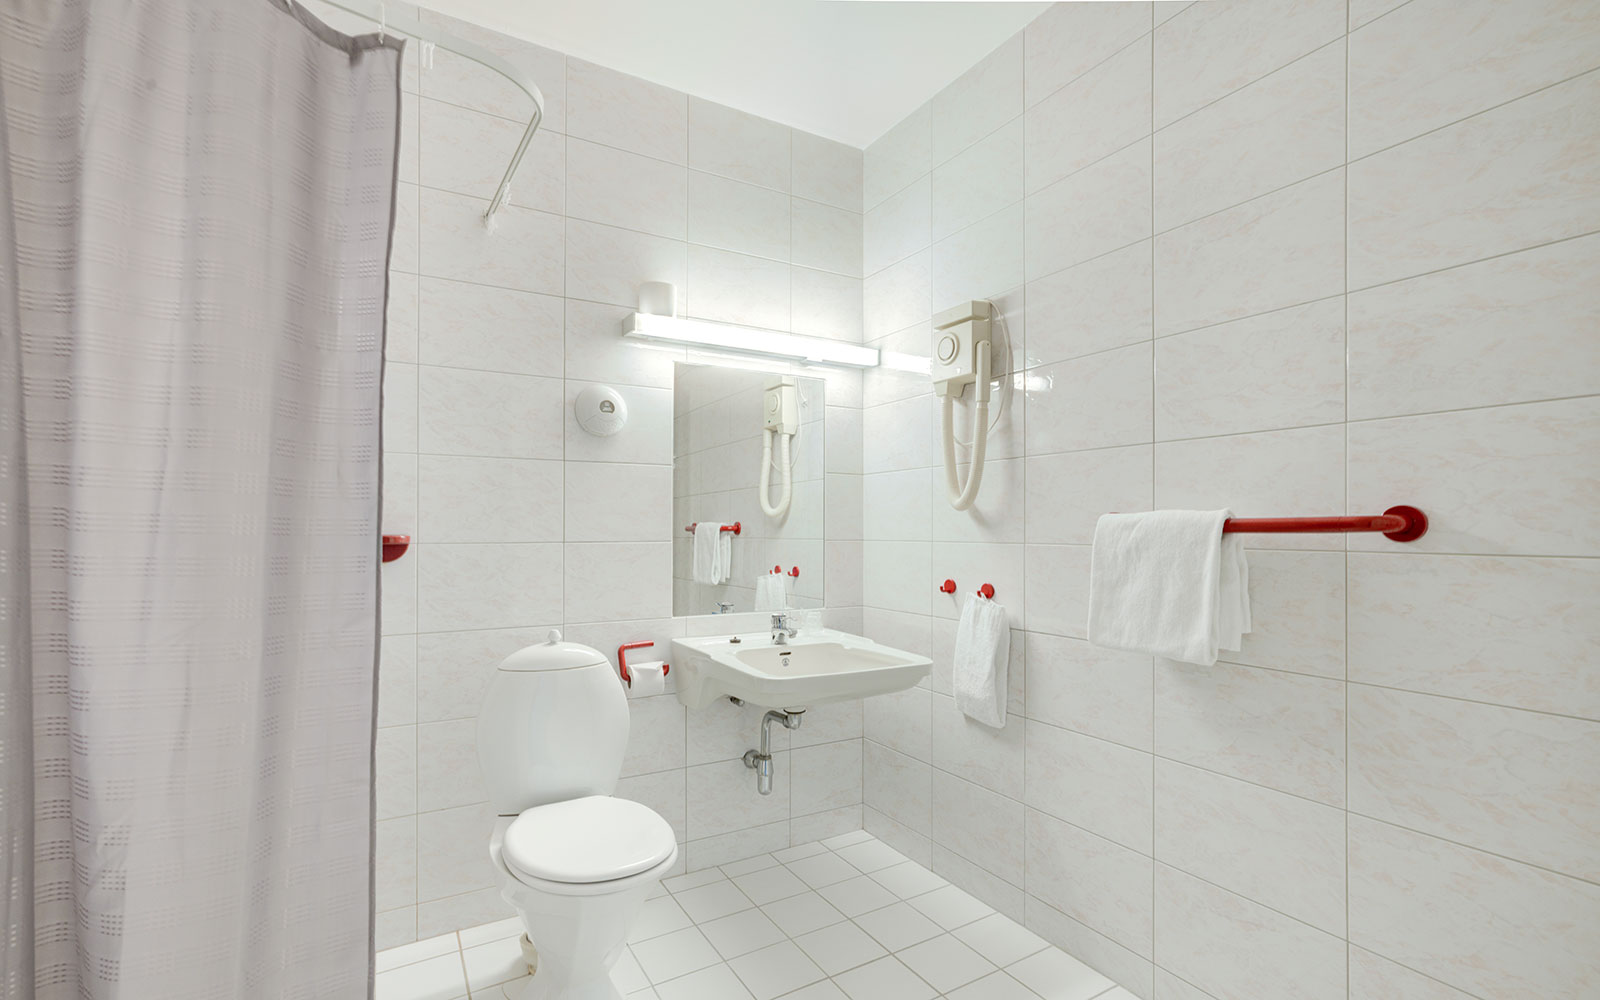 Melbu hotell toalett og dusj på standard enkeltrom